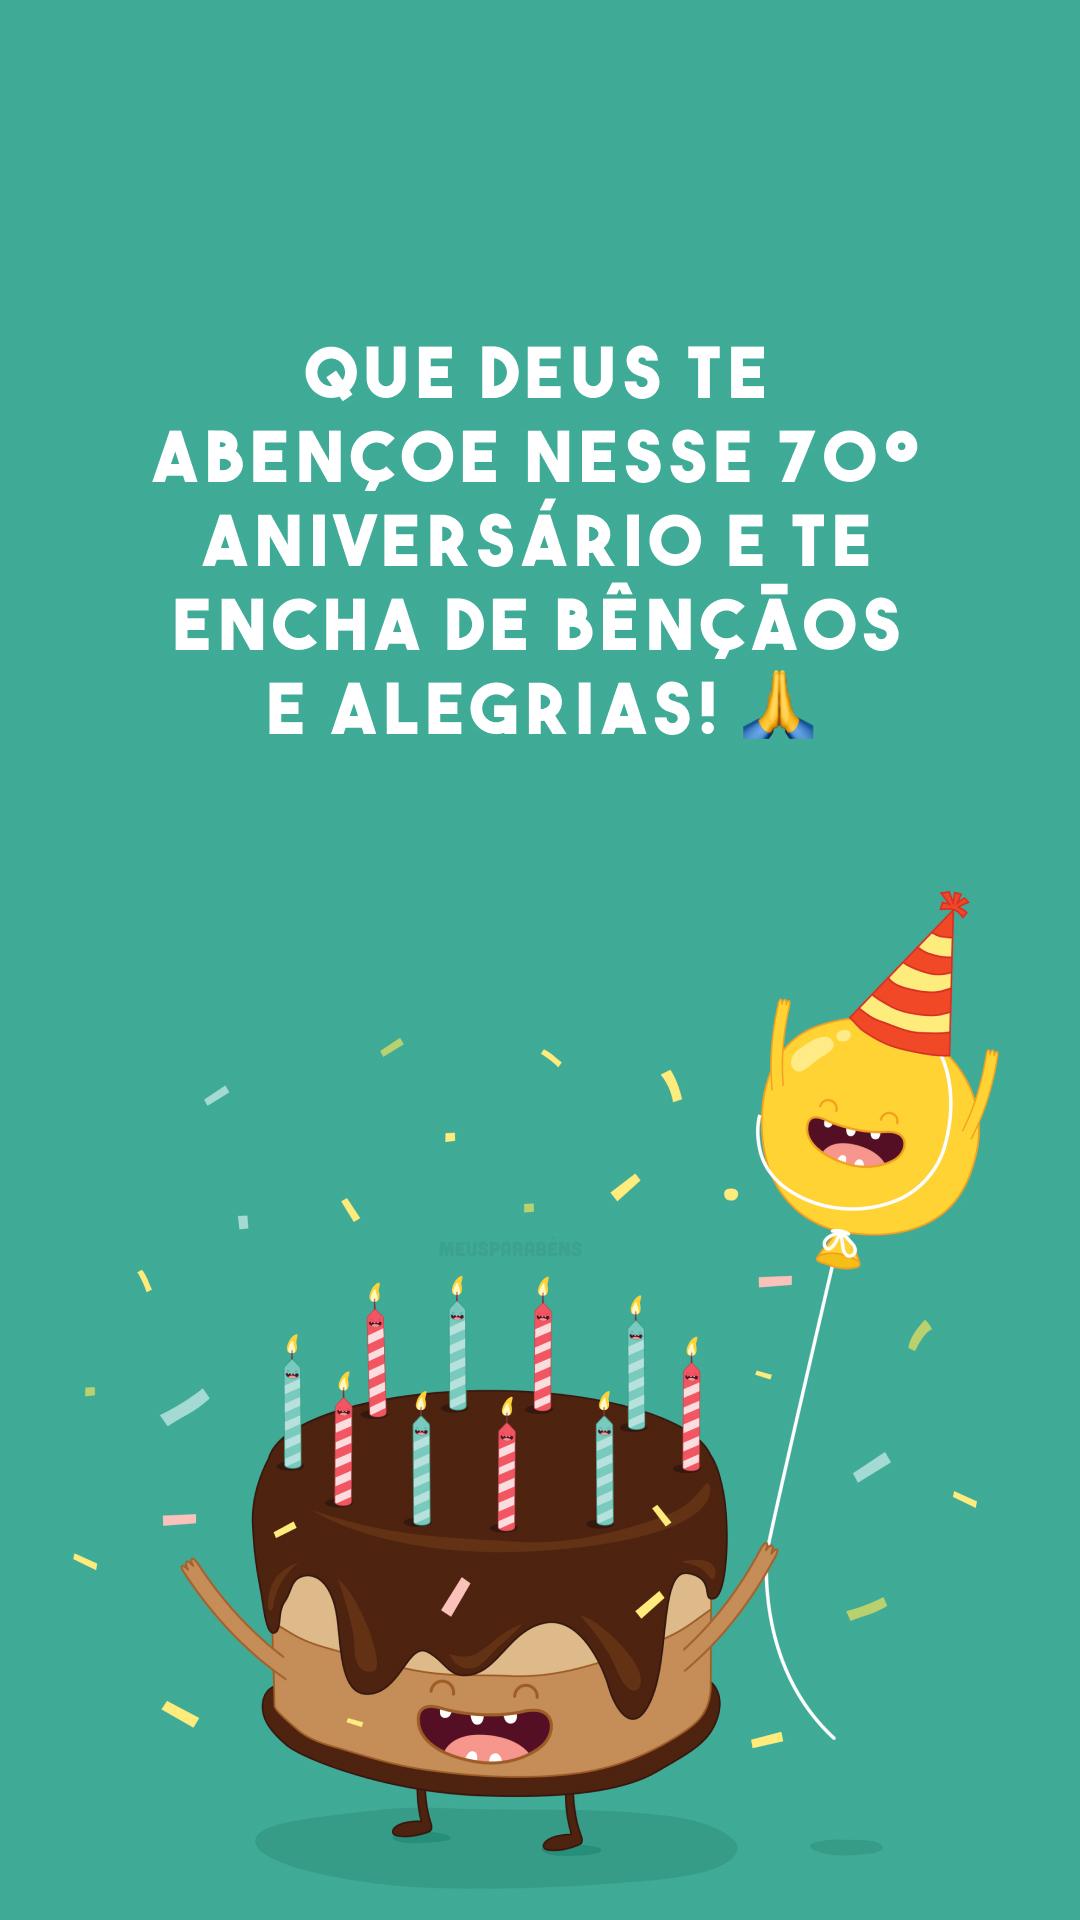 Que Deus te abençoe nesse 70º aniversário e te encha de bênçãos e alegrias! 🙏